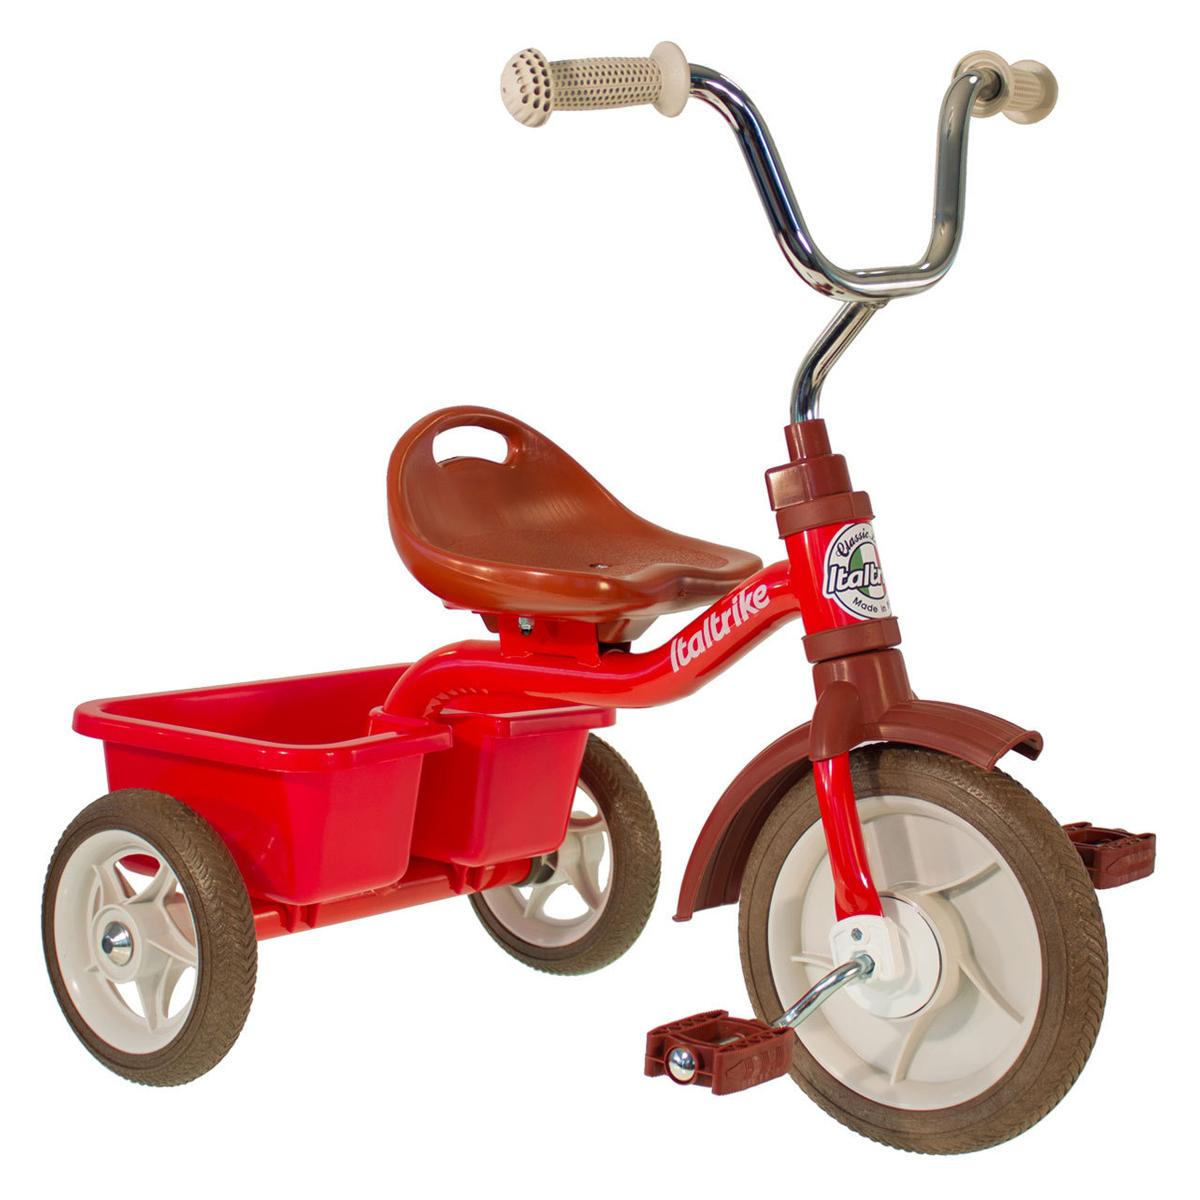 Trotteur & Porteur Tricycle Transporter Rouge Tricycle Transporter Rouge